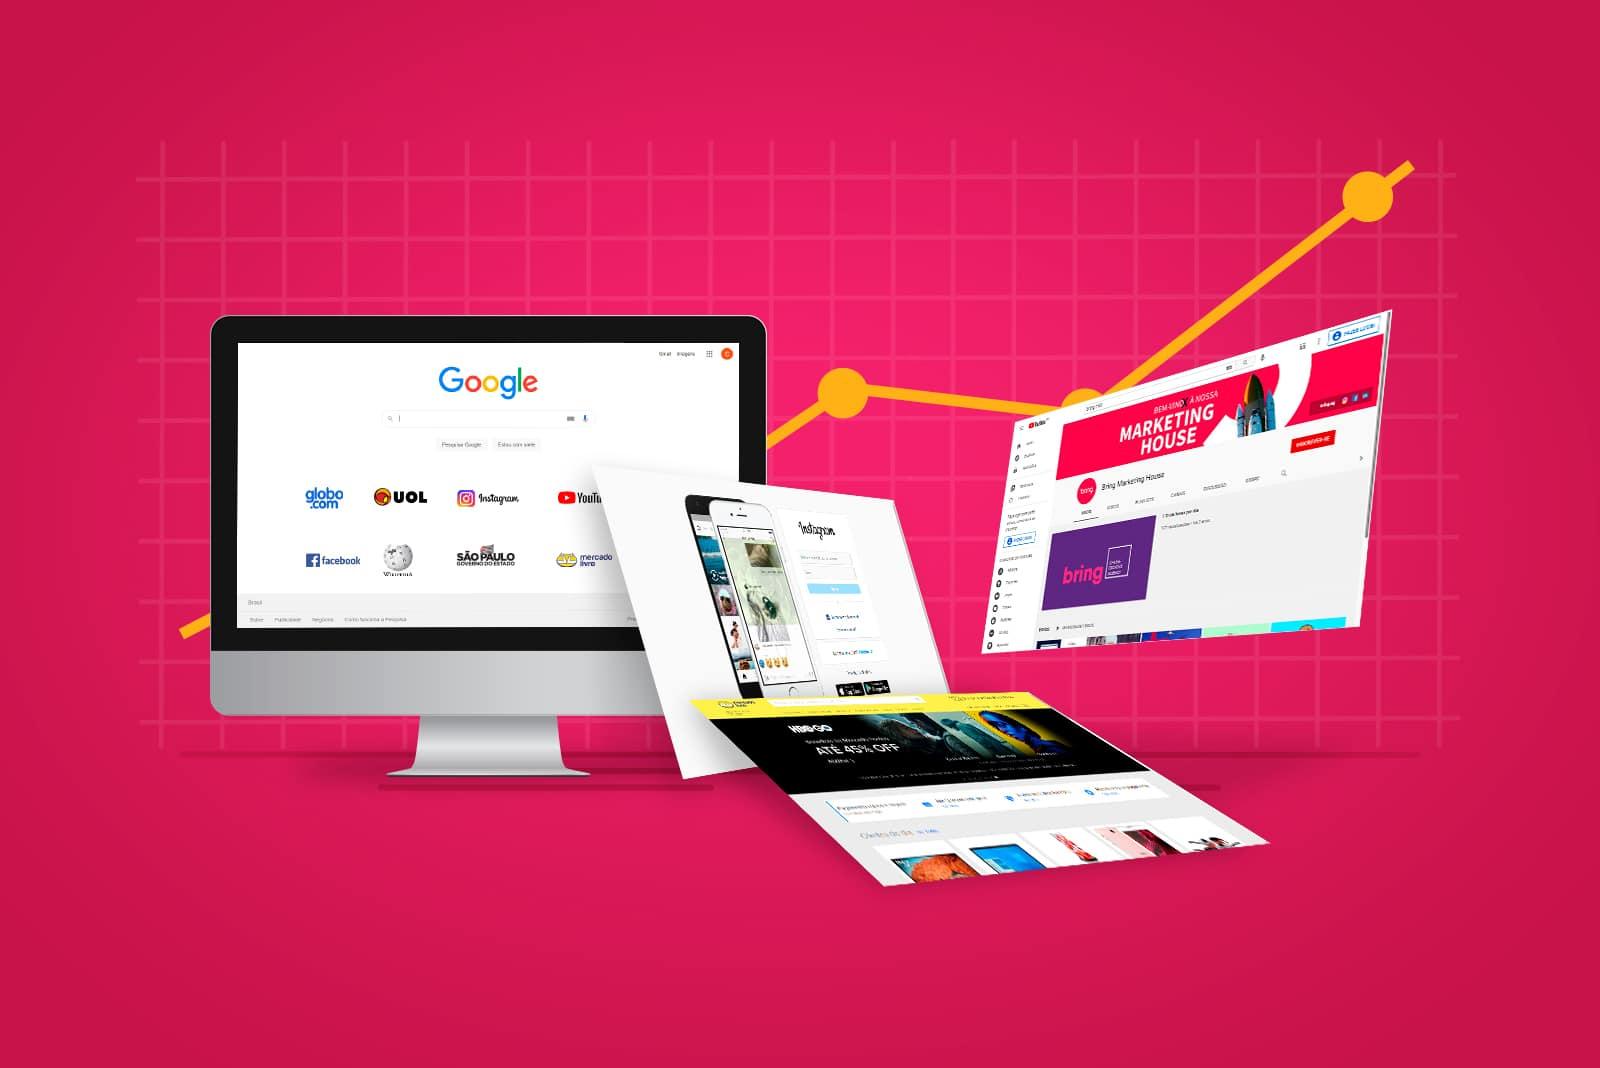 imagem-representando-sites-mais-acessados-do-brasil